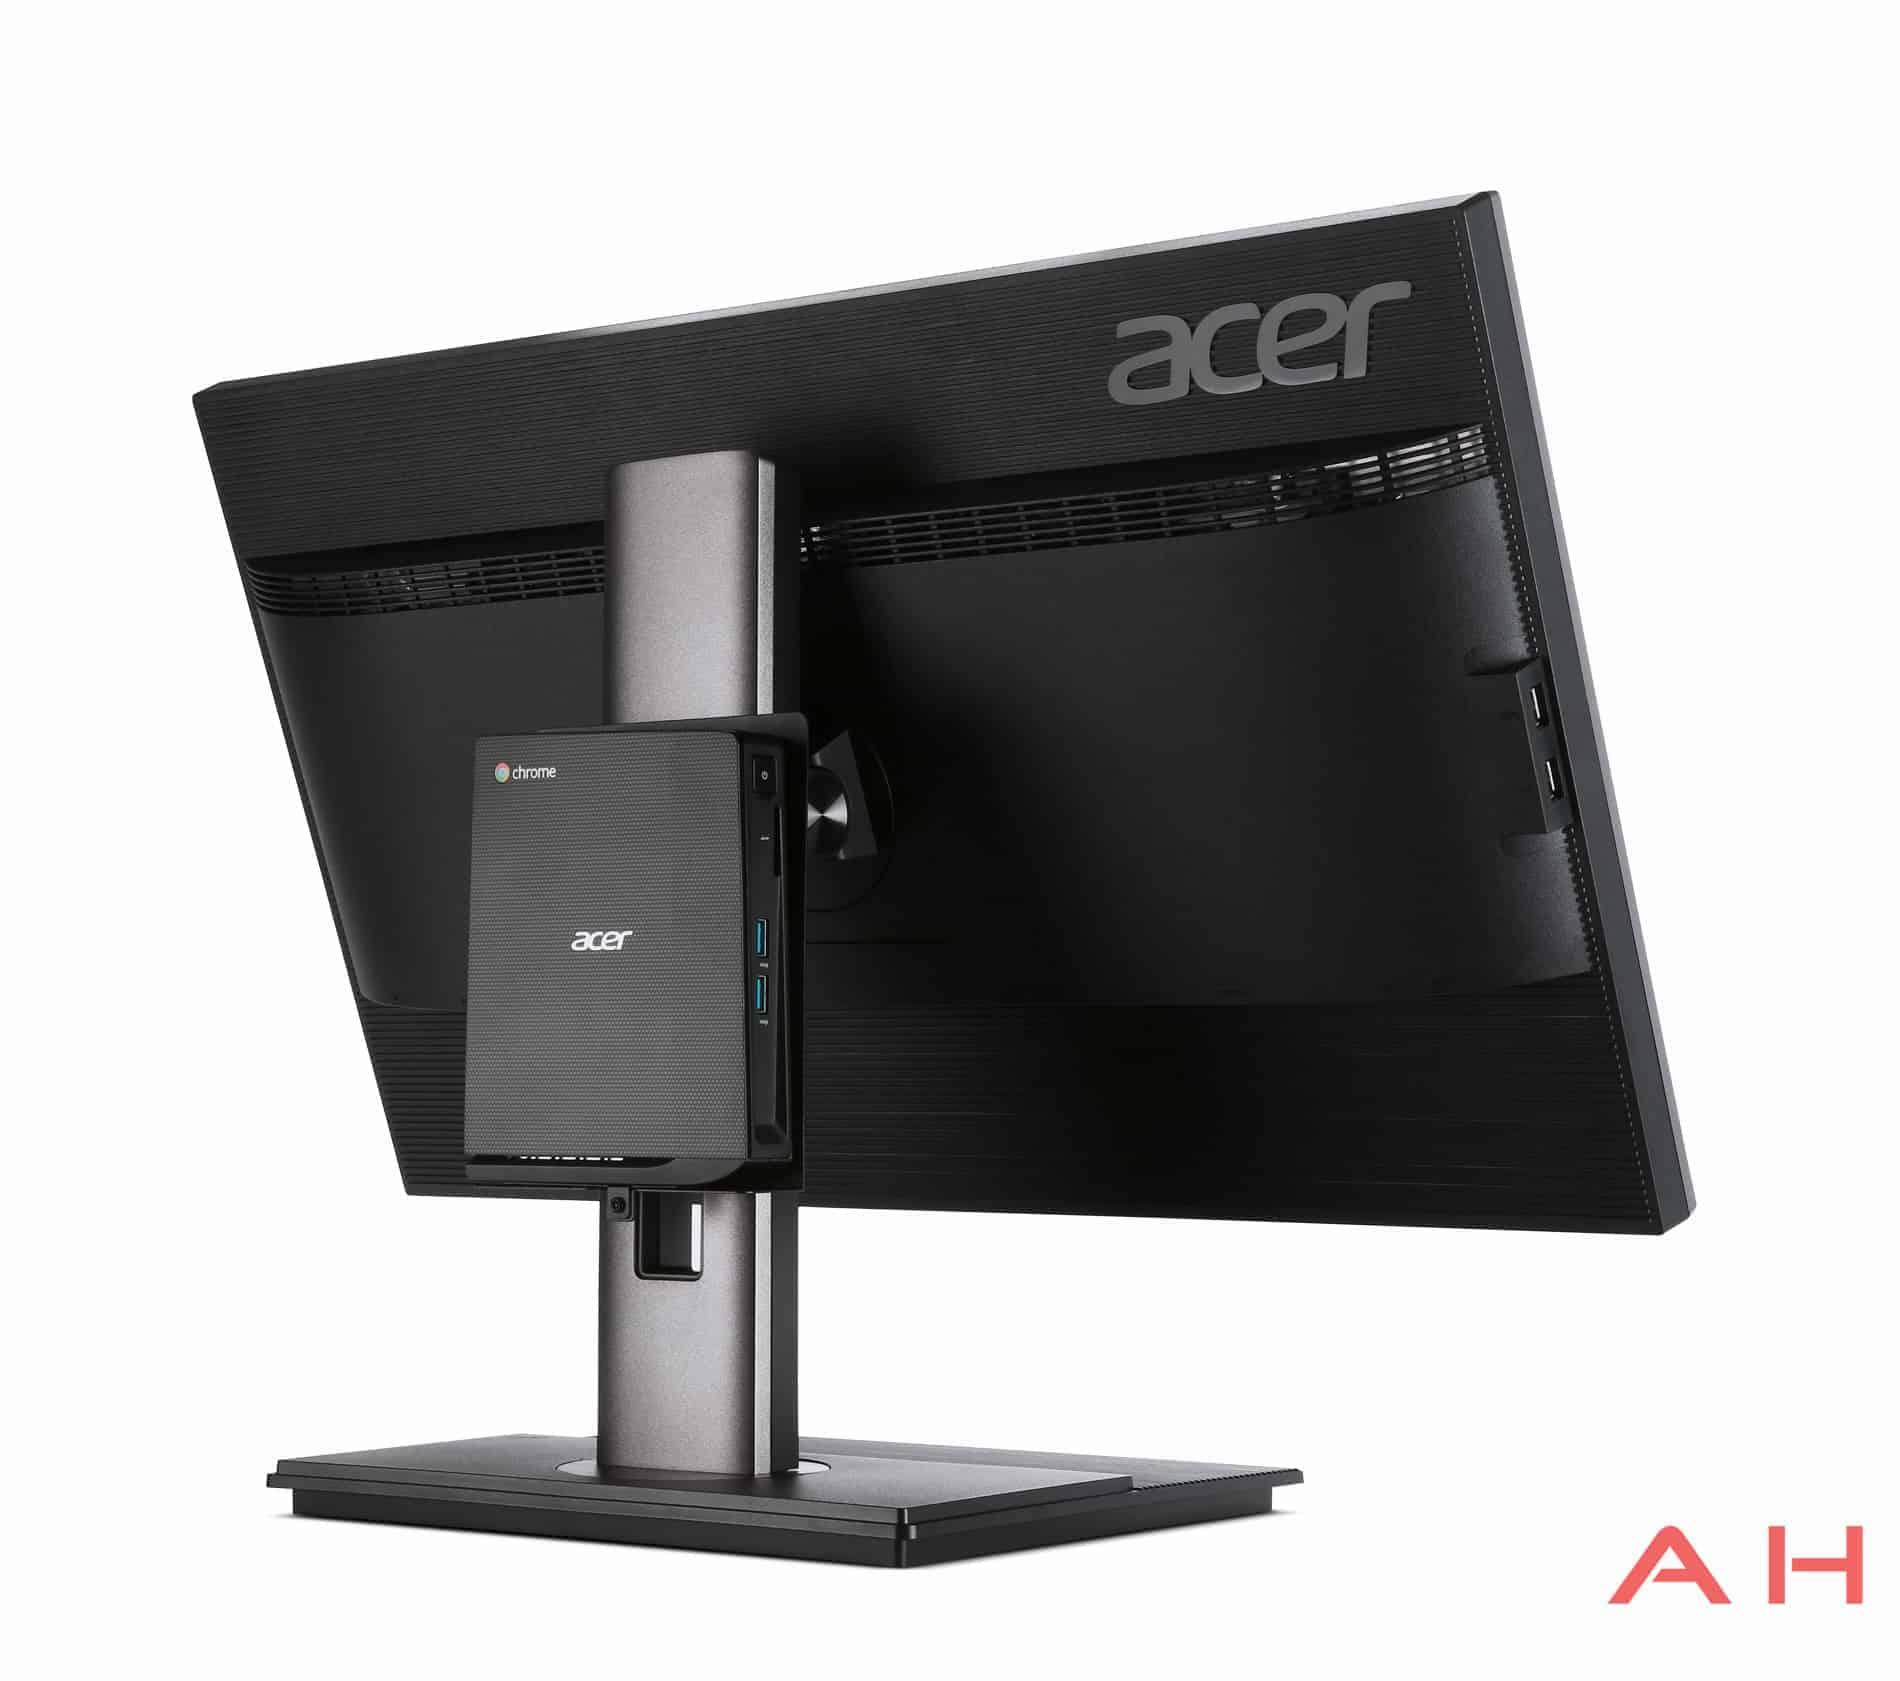 Acer-Chromebox-CXI-AH-8